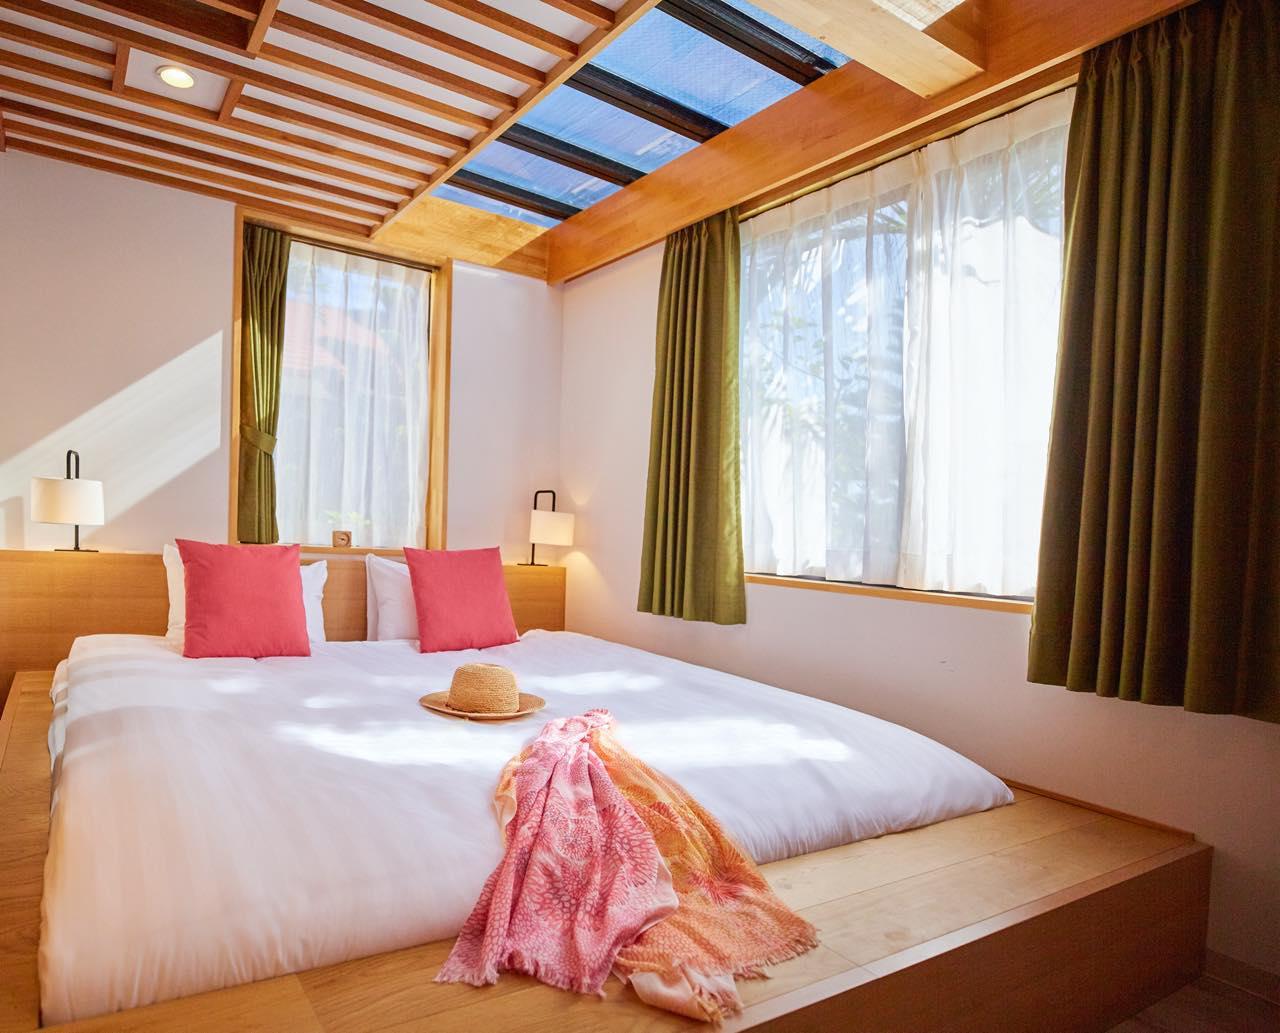 画像6: 【アラマンダ インギャーコーラルヴィレッジ】宮古島の美しい自然に囲まれたリゾートコテージ